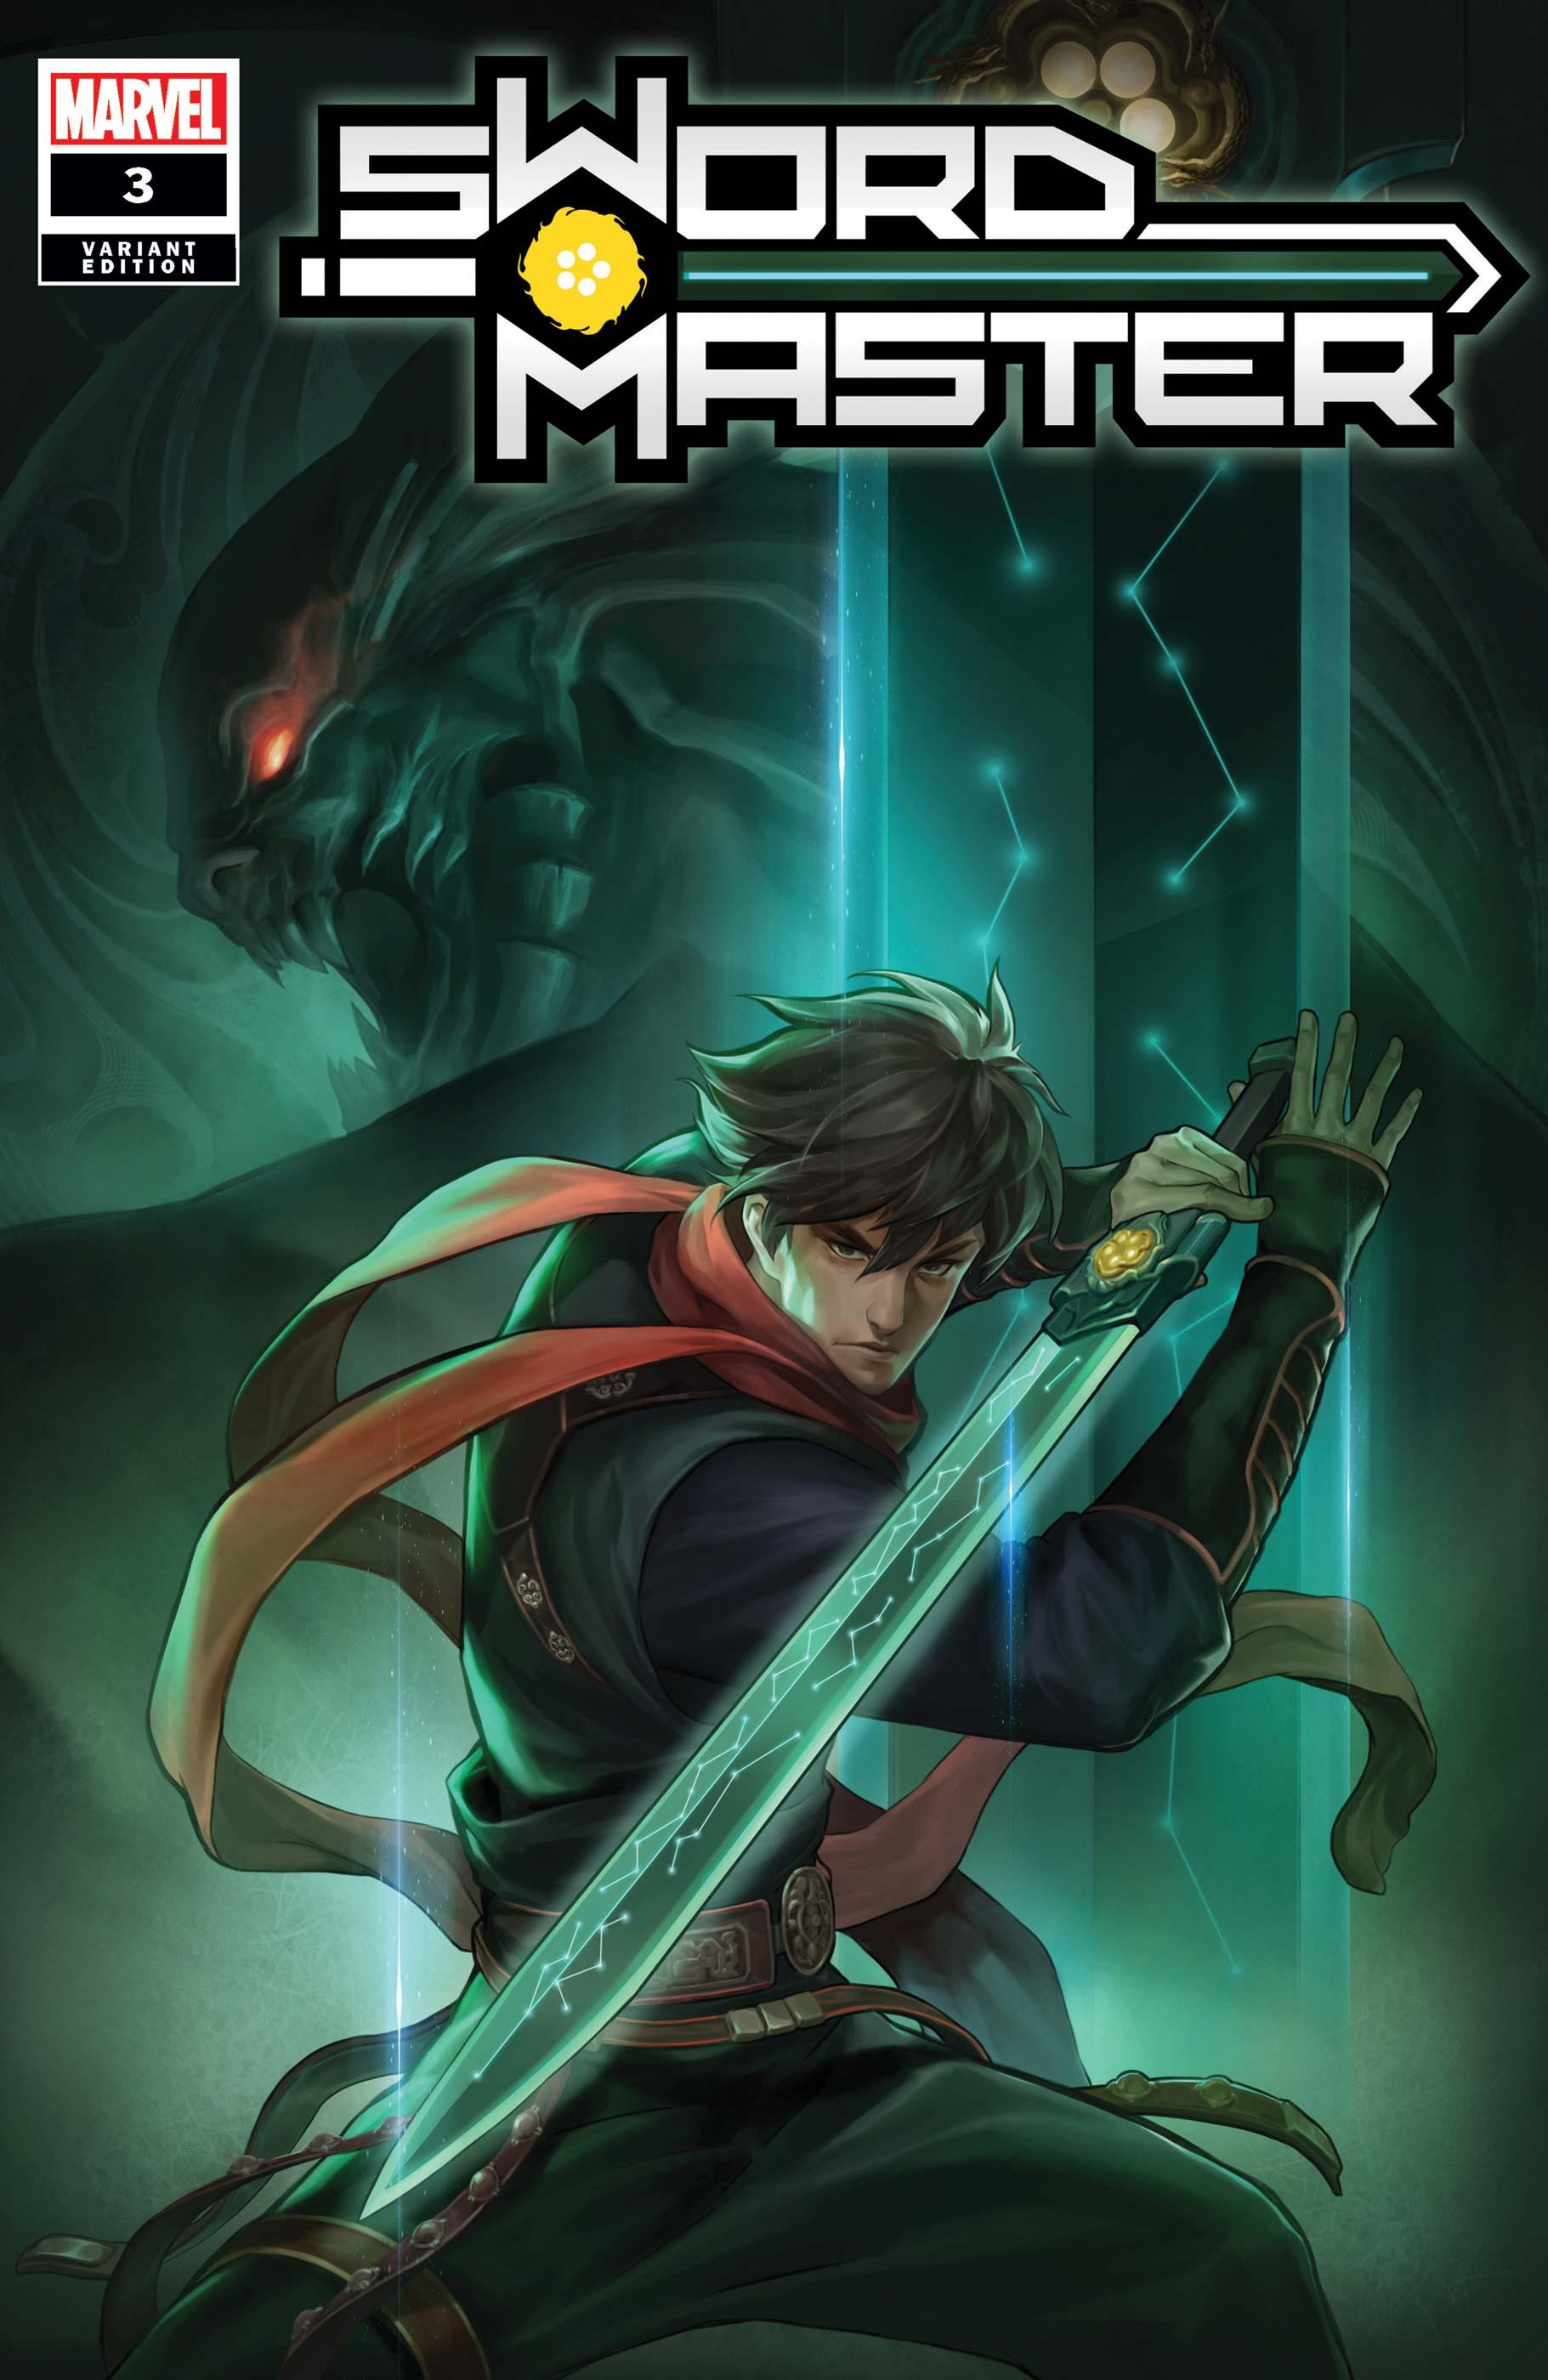 Sword Master (2019) #3 (Variant)